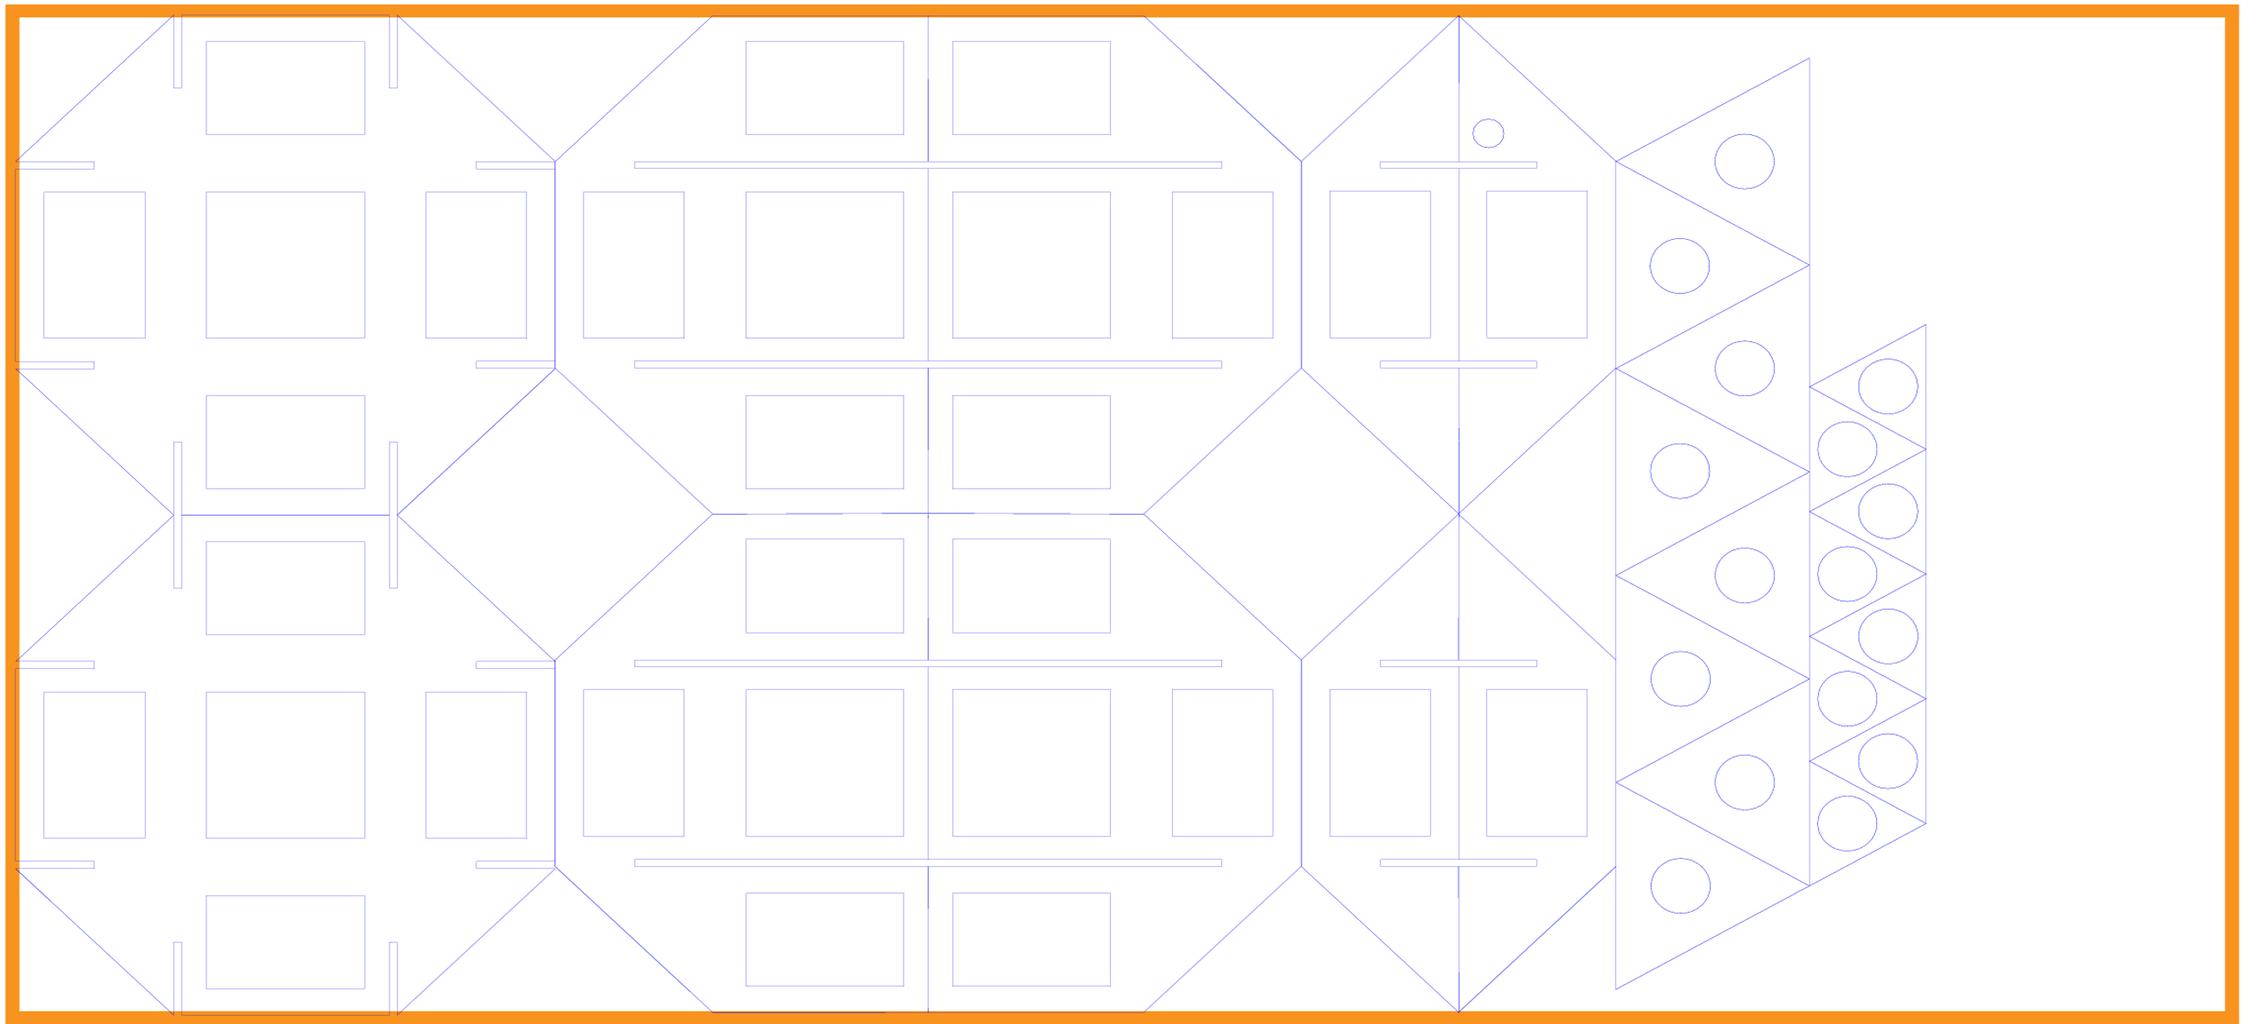 Design the Rhombicuboctahedron Frame